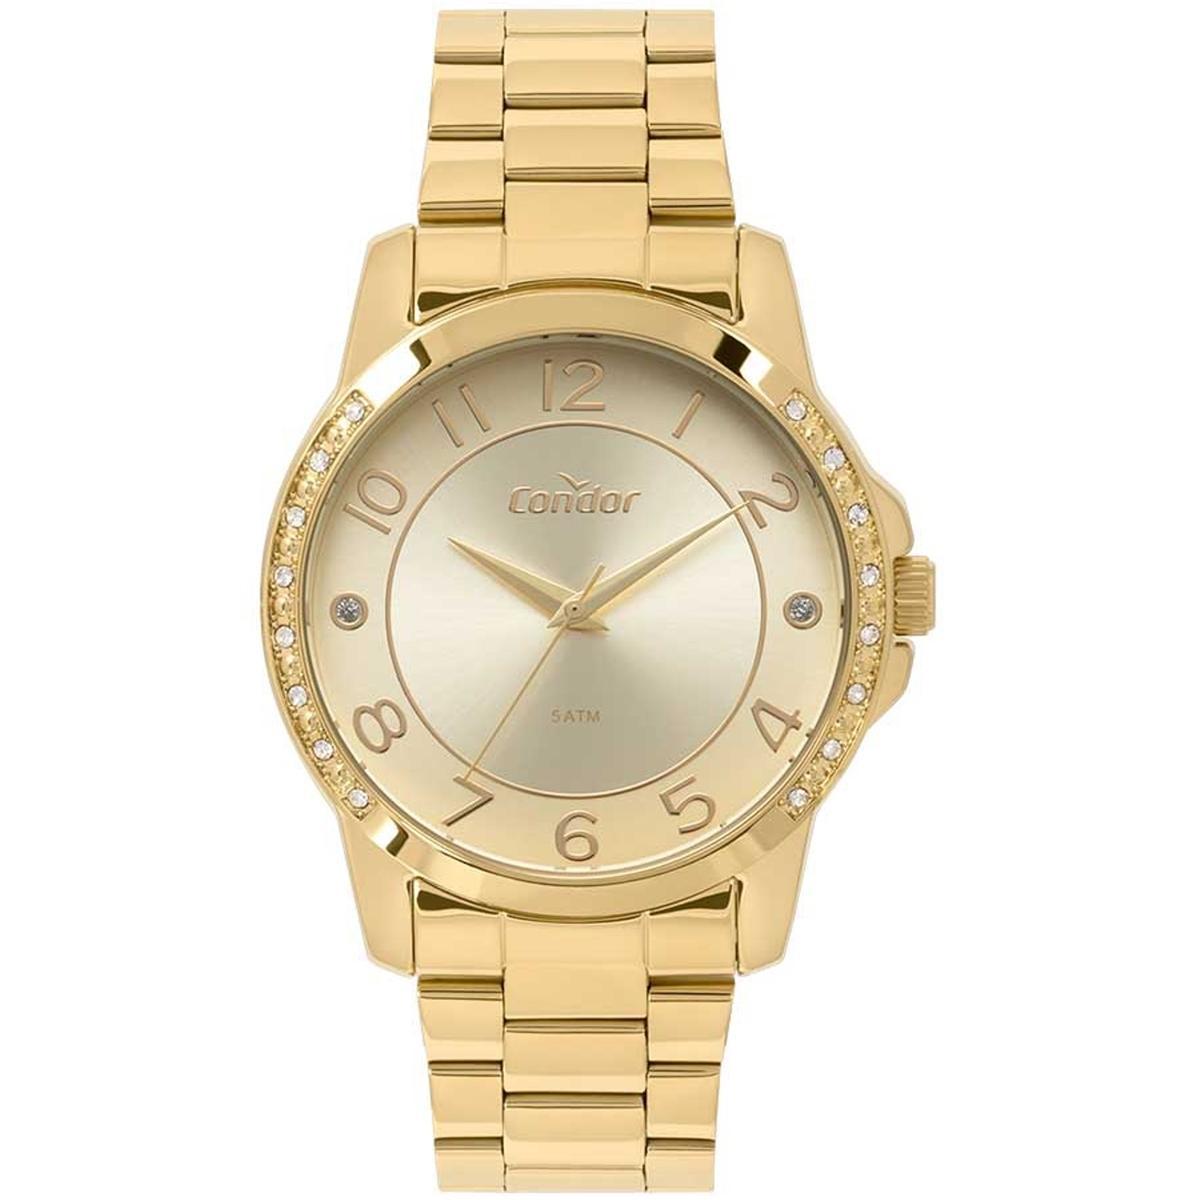 1f78afcef25 Relogio Feminino Condor Dourado CO2035KOM 4D - Relógio Feminino ...